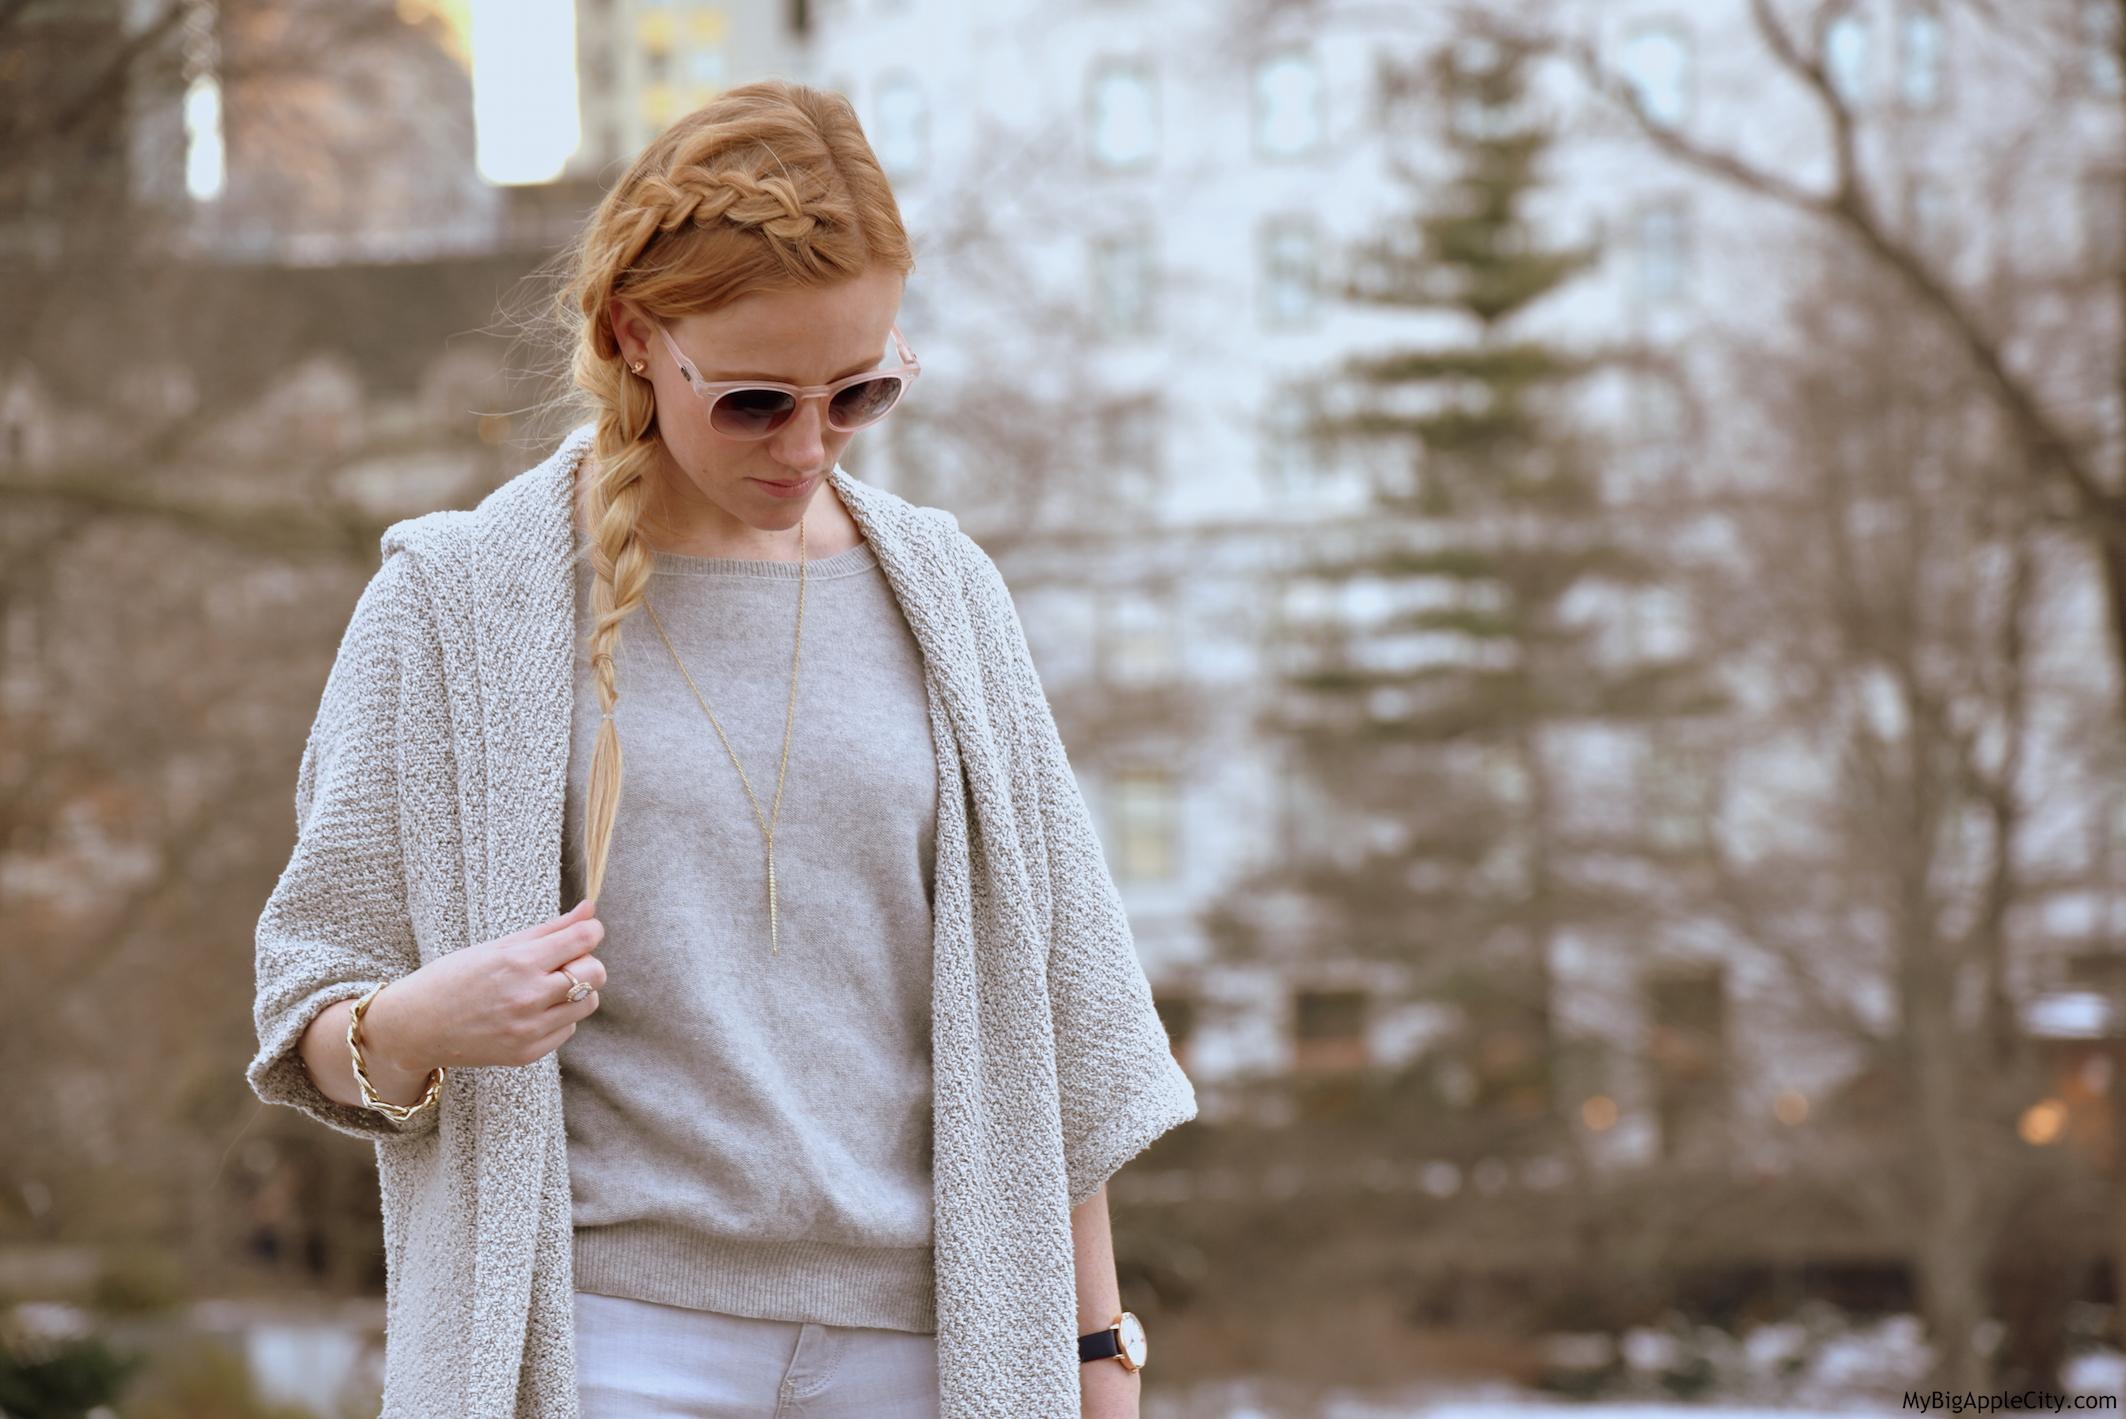 Blogueuse-mode-lifestyle-new-york-streetstyle-blog-mybigapplecity